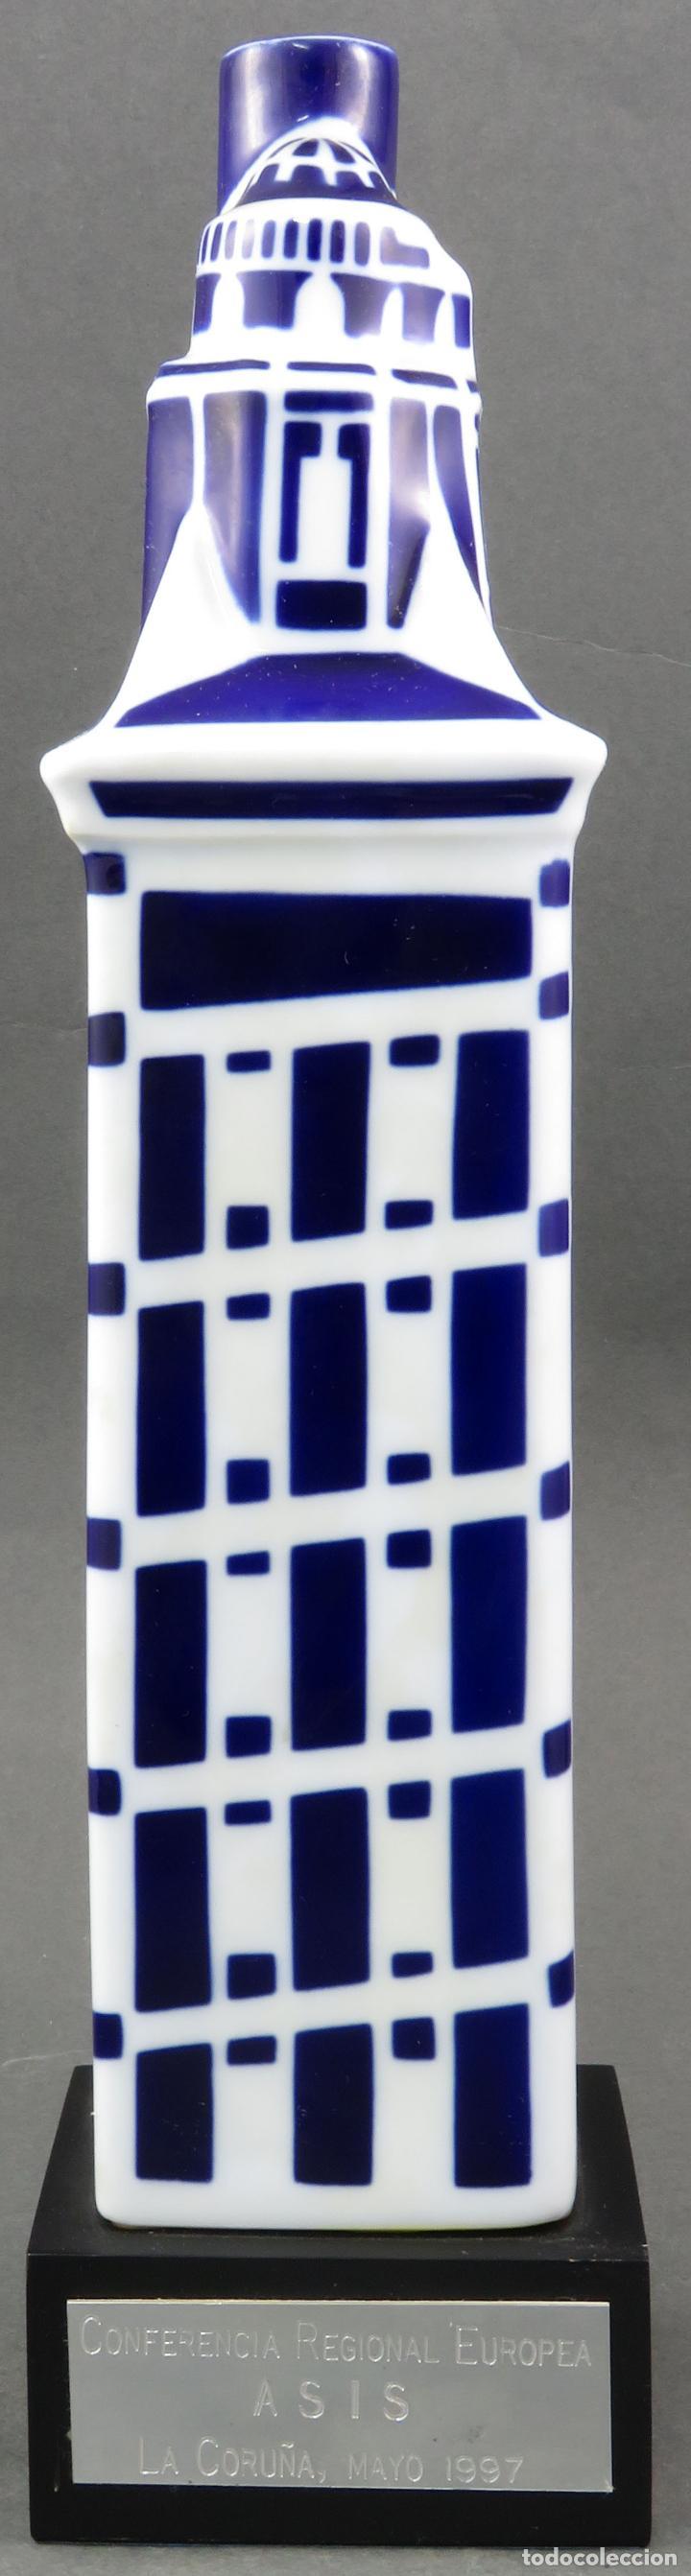 BOTELLA TORRE DE HERCULES EN CERÁMICA CASTRO SARGADELOS 1997 CON BASE DE MADERA (Antigüedades - Porcelanas y Cerámicas - Sargadelos)